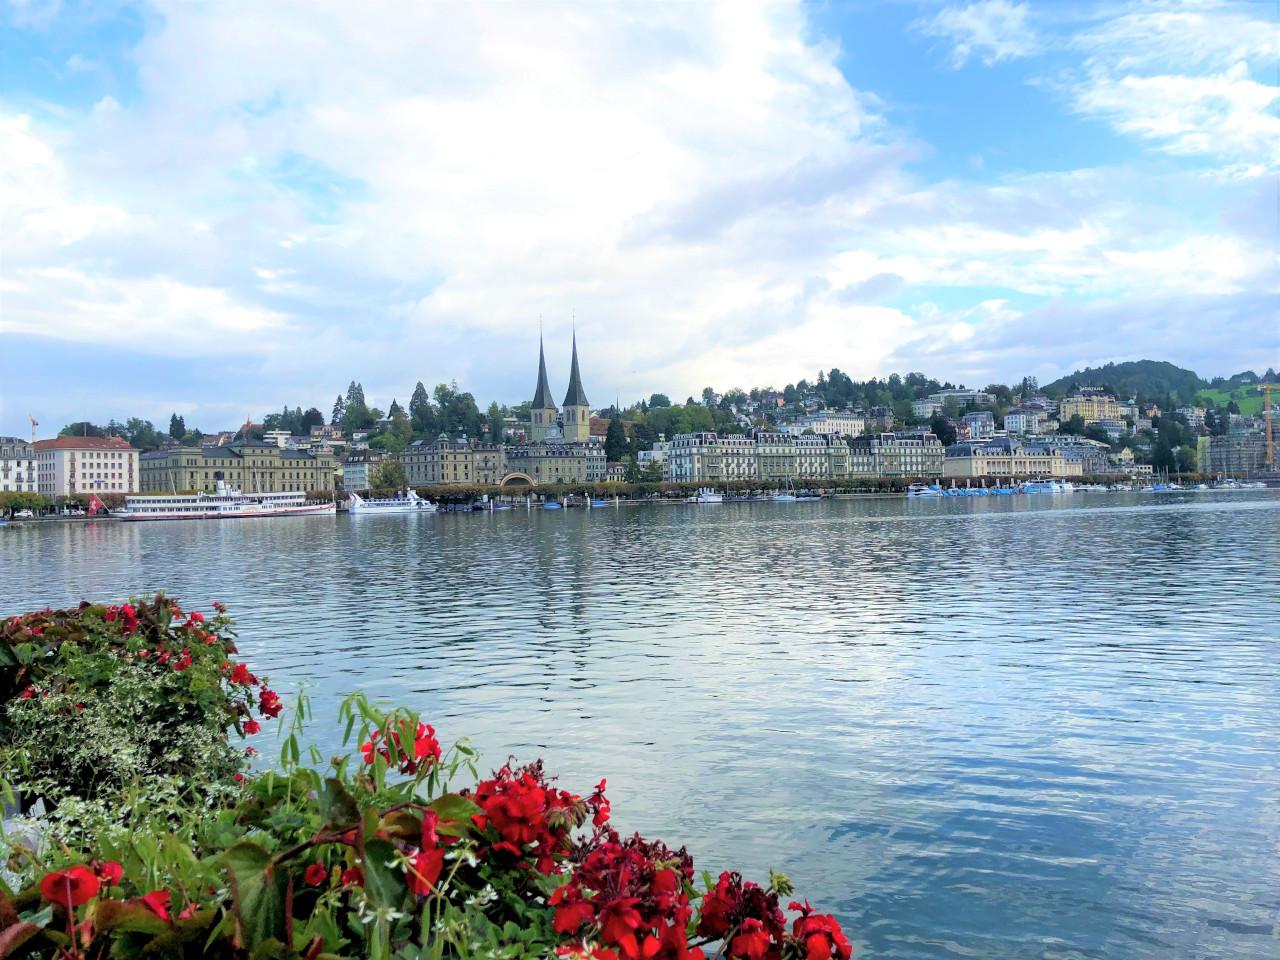 Озеро Люцерн, MyFaultyCompass. Ваш исчерпывающий путеводитель по Люцерну с лучшими развлечениями в Люцерне, однодневными поездками из Люцерна, ресторанами в Люцерне, местами для отдыха в Люцерне и многим другим. Путеводитель по Люцерну Путеводитель по Люцерну, Швейцария: лучшие развлечения в Люцерне, рестораны, варианты размещения и советы lucerne lake myfaultycompass